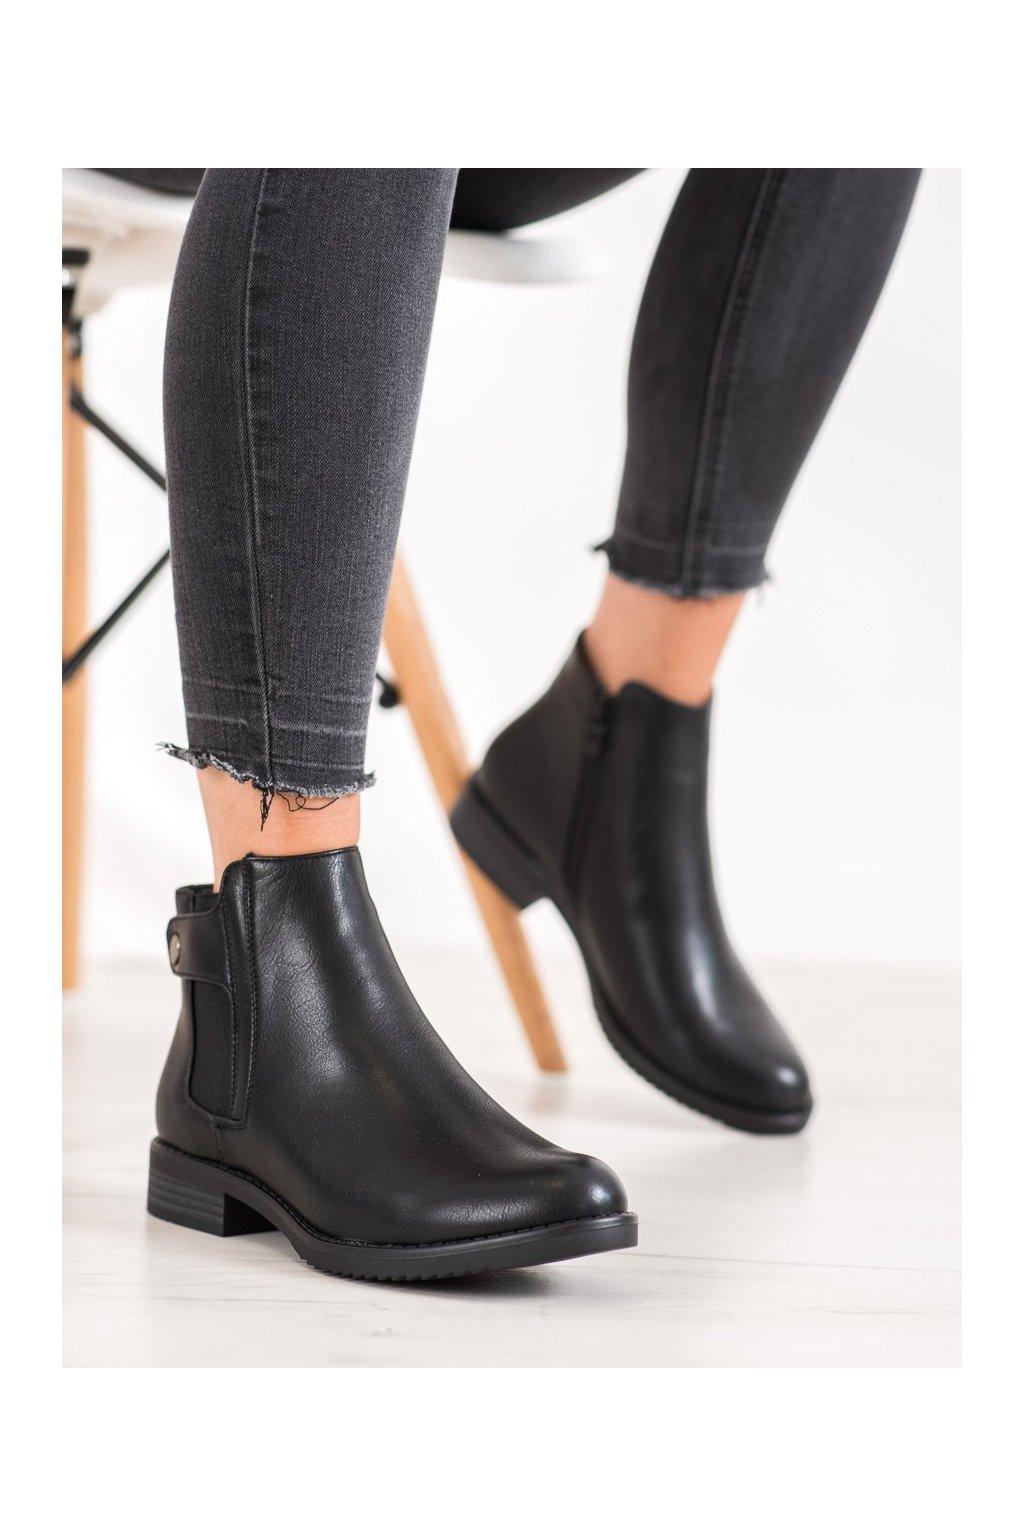 Čierne dámske topánky J. star kod S1813B